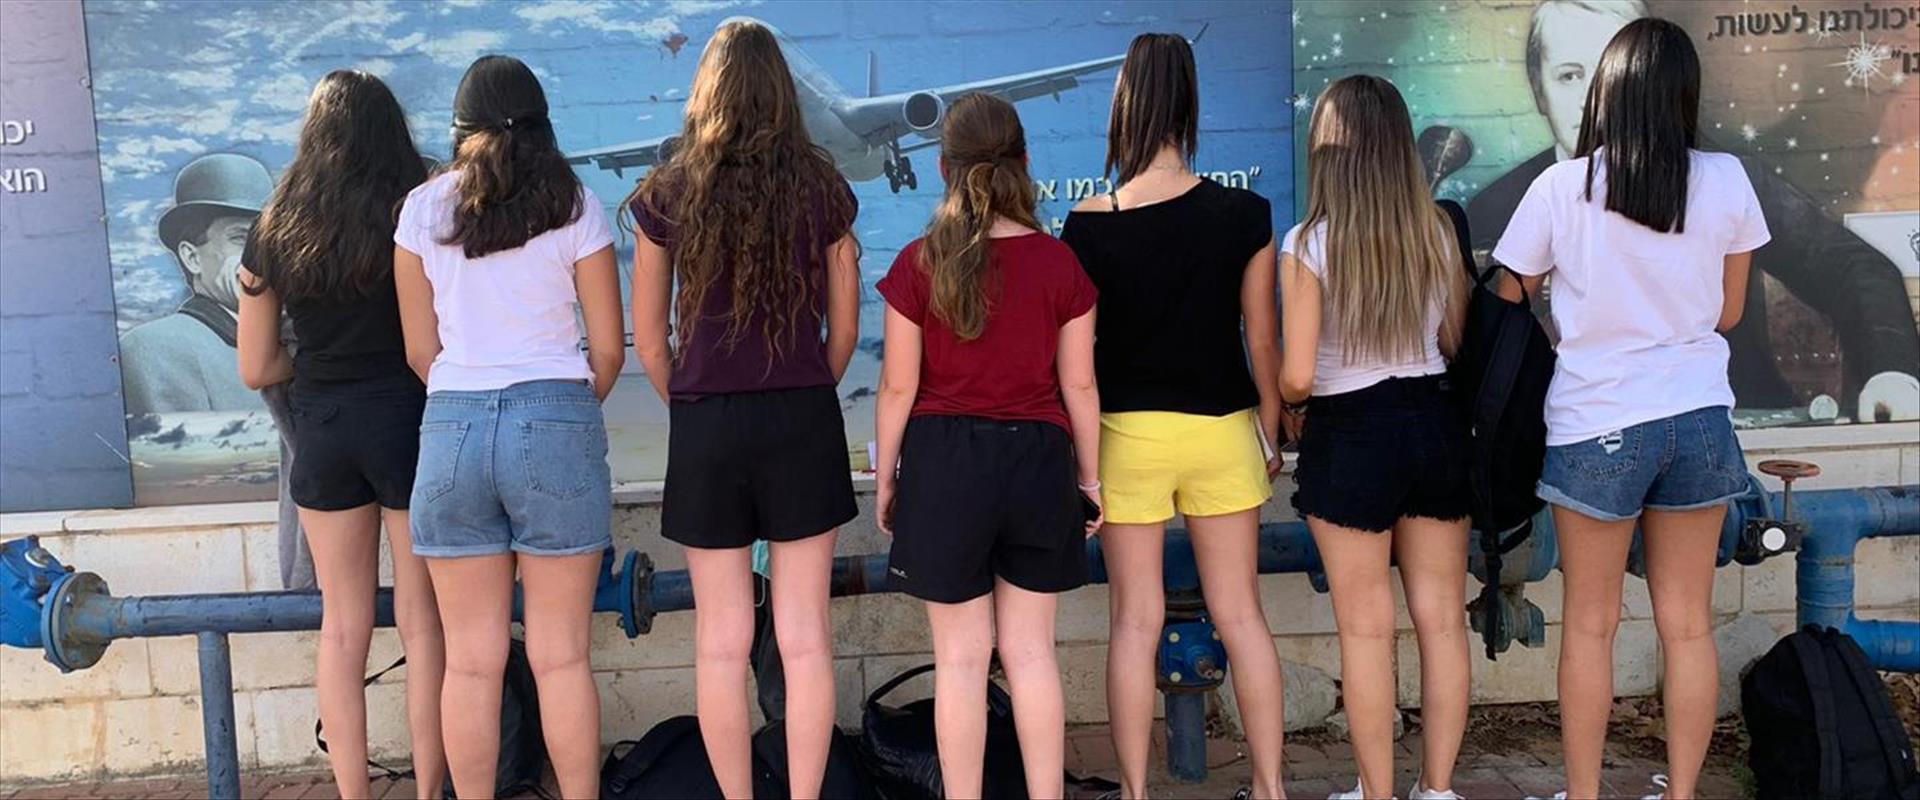 תלמידות שהגיעו במכנסיים קצרים לבית ספר ברחובות